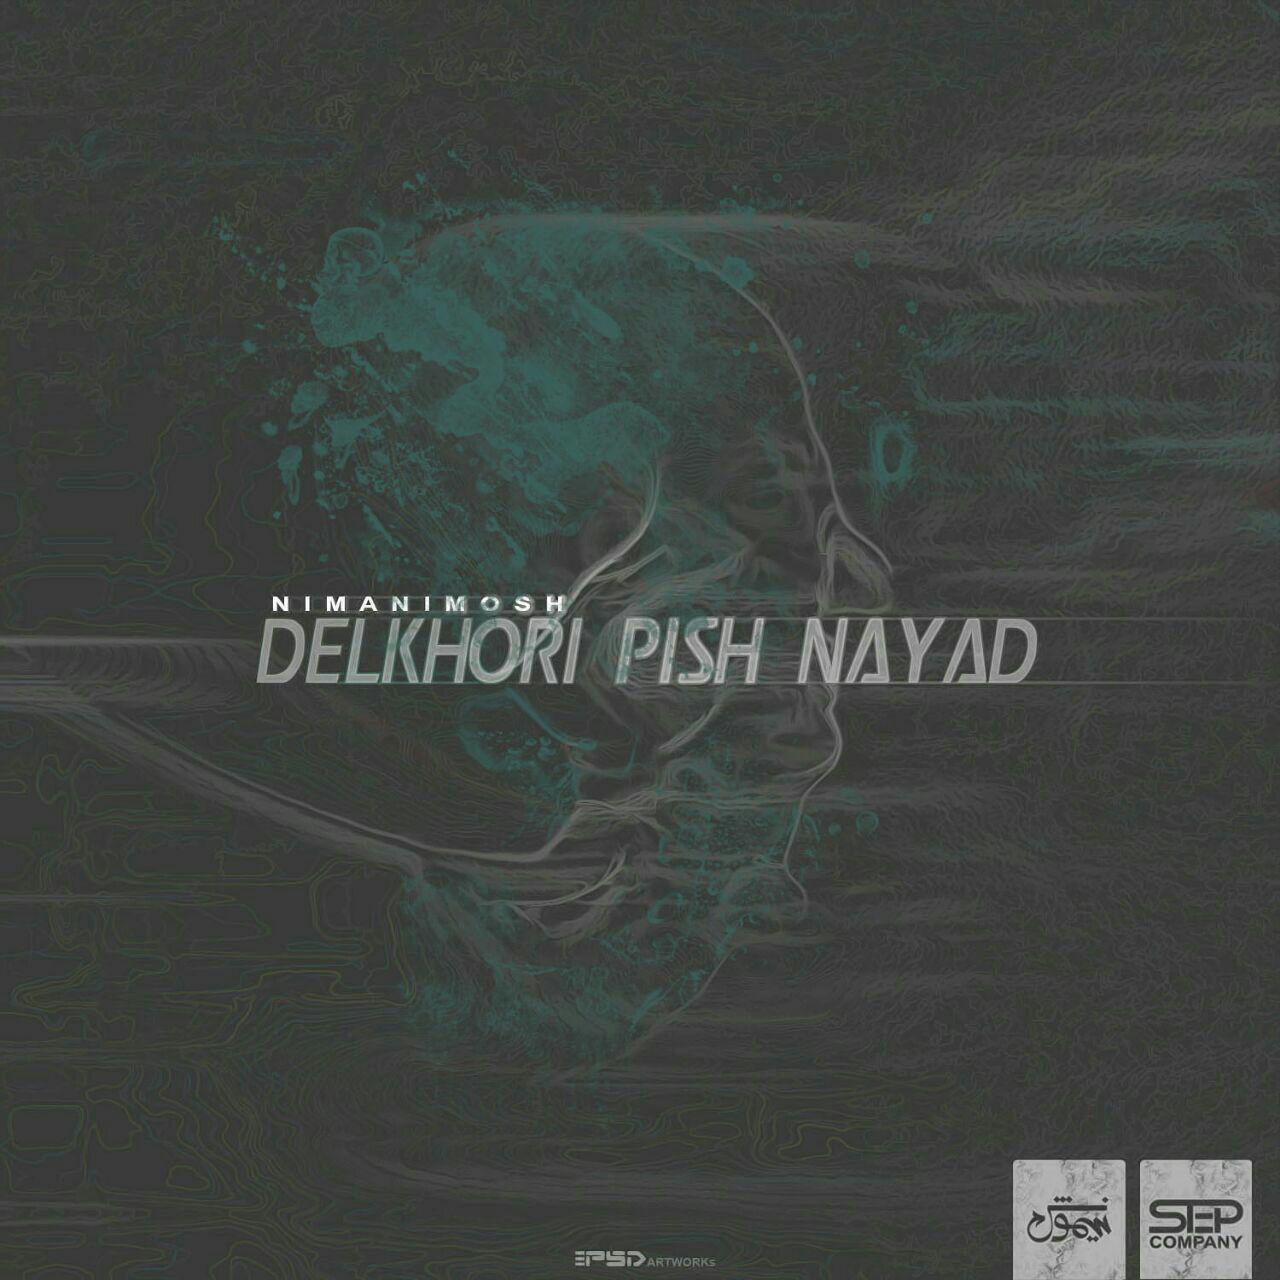 Delkhori Pish Nayad